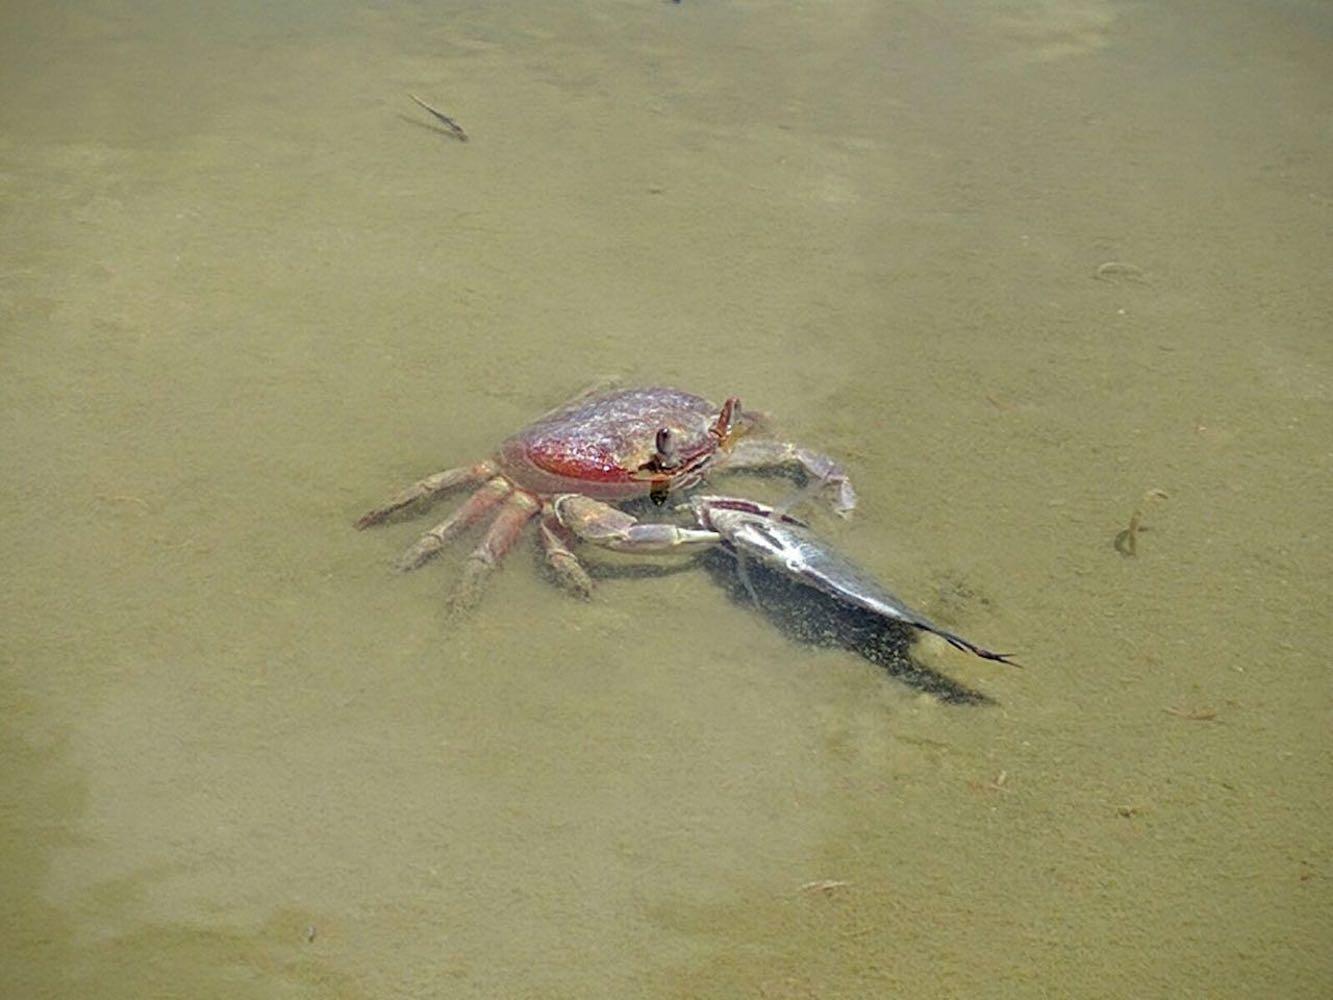 C – Even a crab caught a fish – impressive